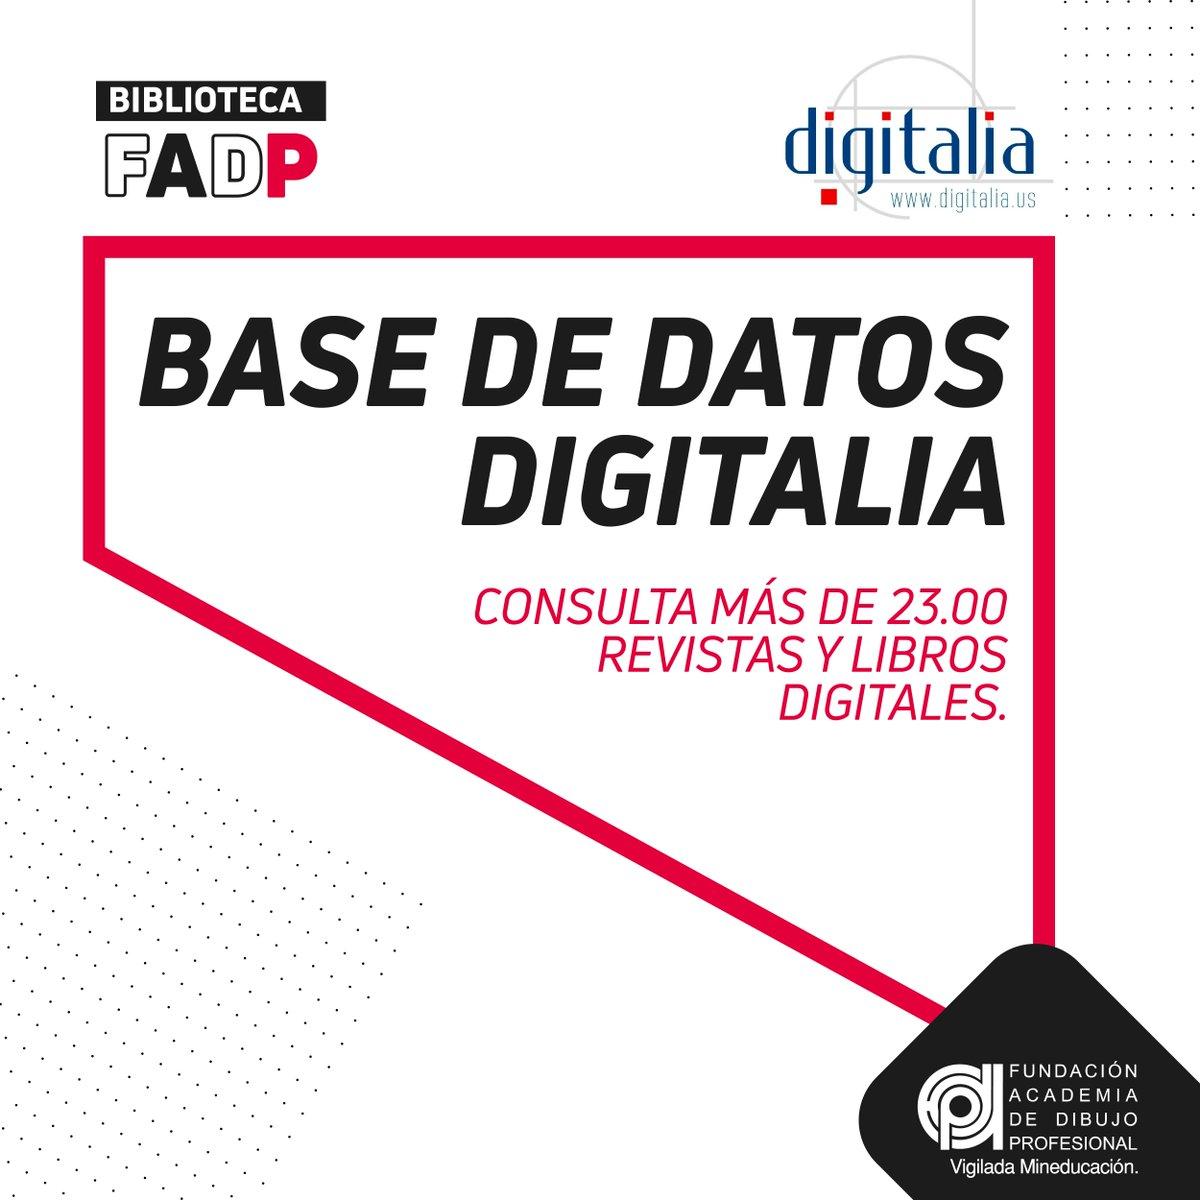 645fb5e7d669 Academia de Dibujo on Twitter: